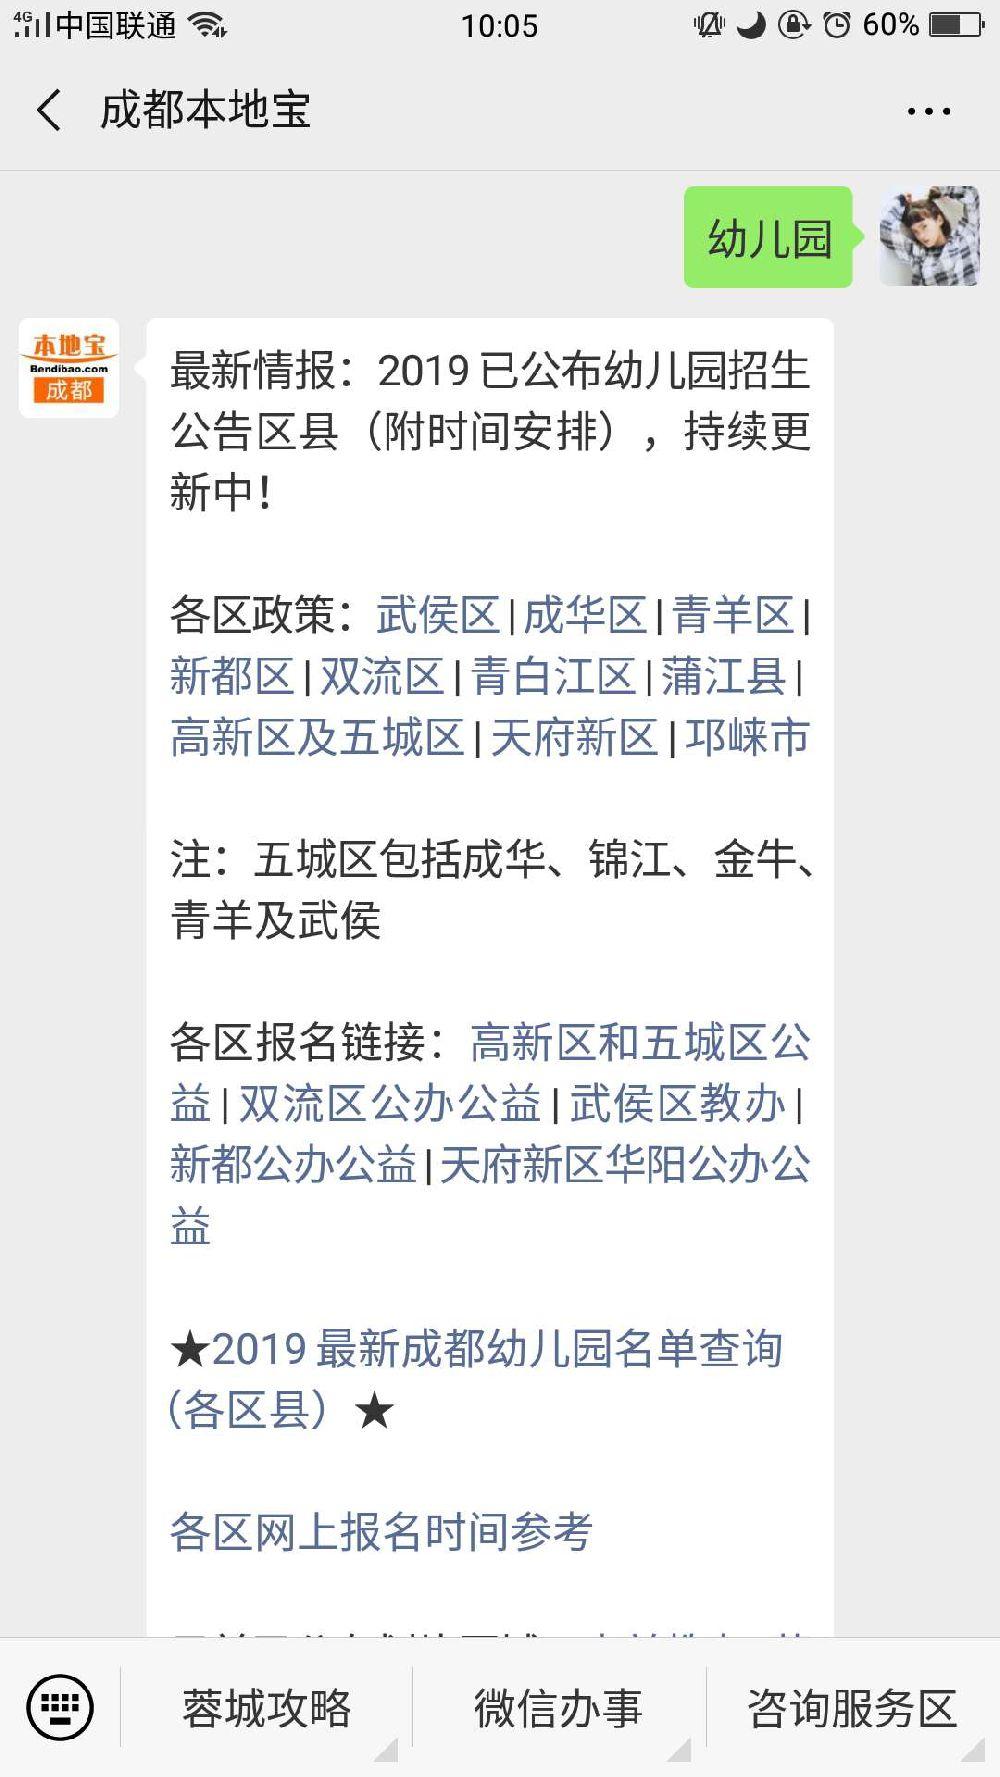 2019成都天府新区幼儿园摇号攻略(时间+结果+规则)